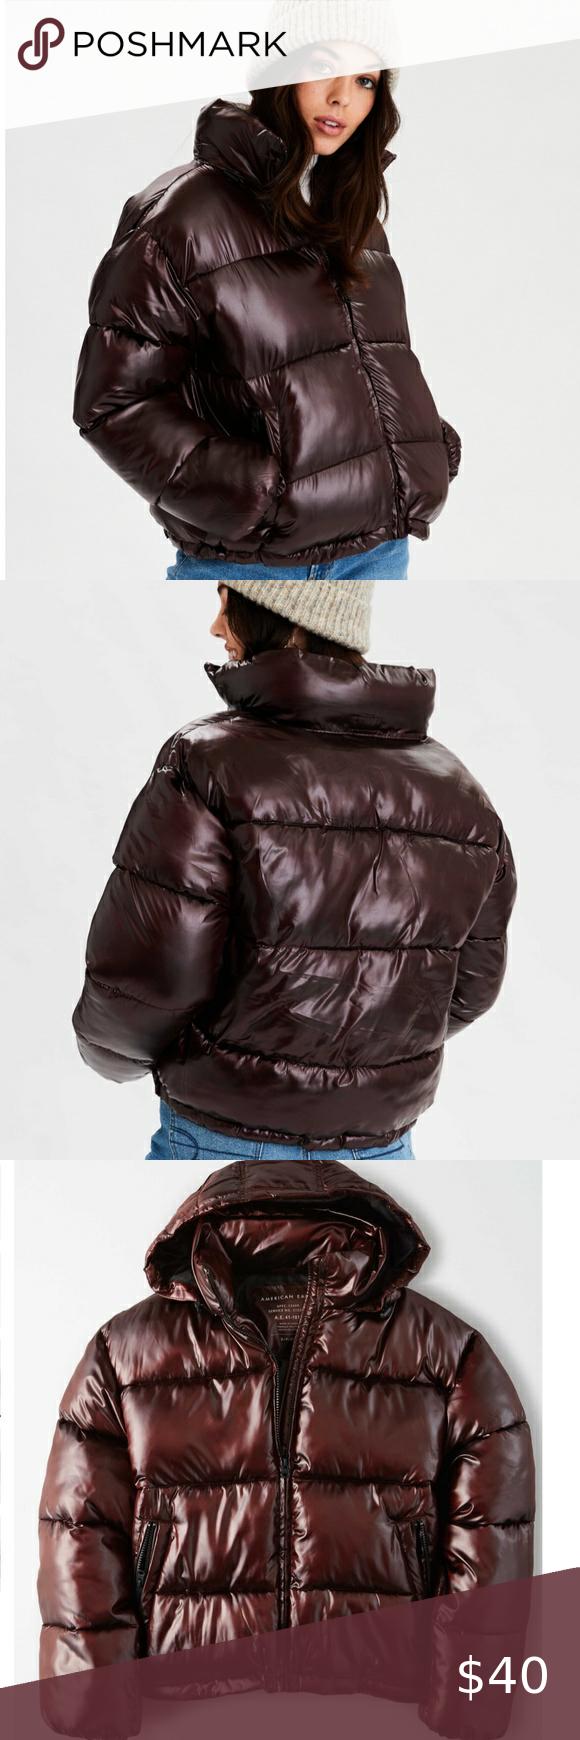 Ae Shiny Puffer Jacket Newwt Puffer Jackets Puffer Jackets [ 1740 x 580 Pixel ]